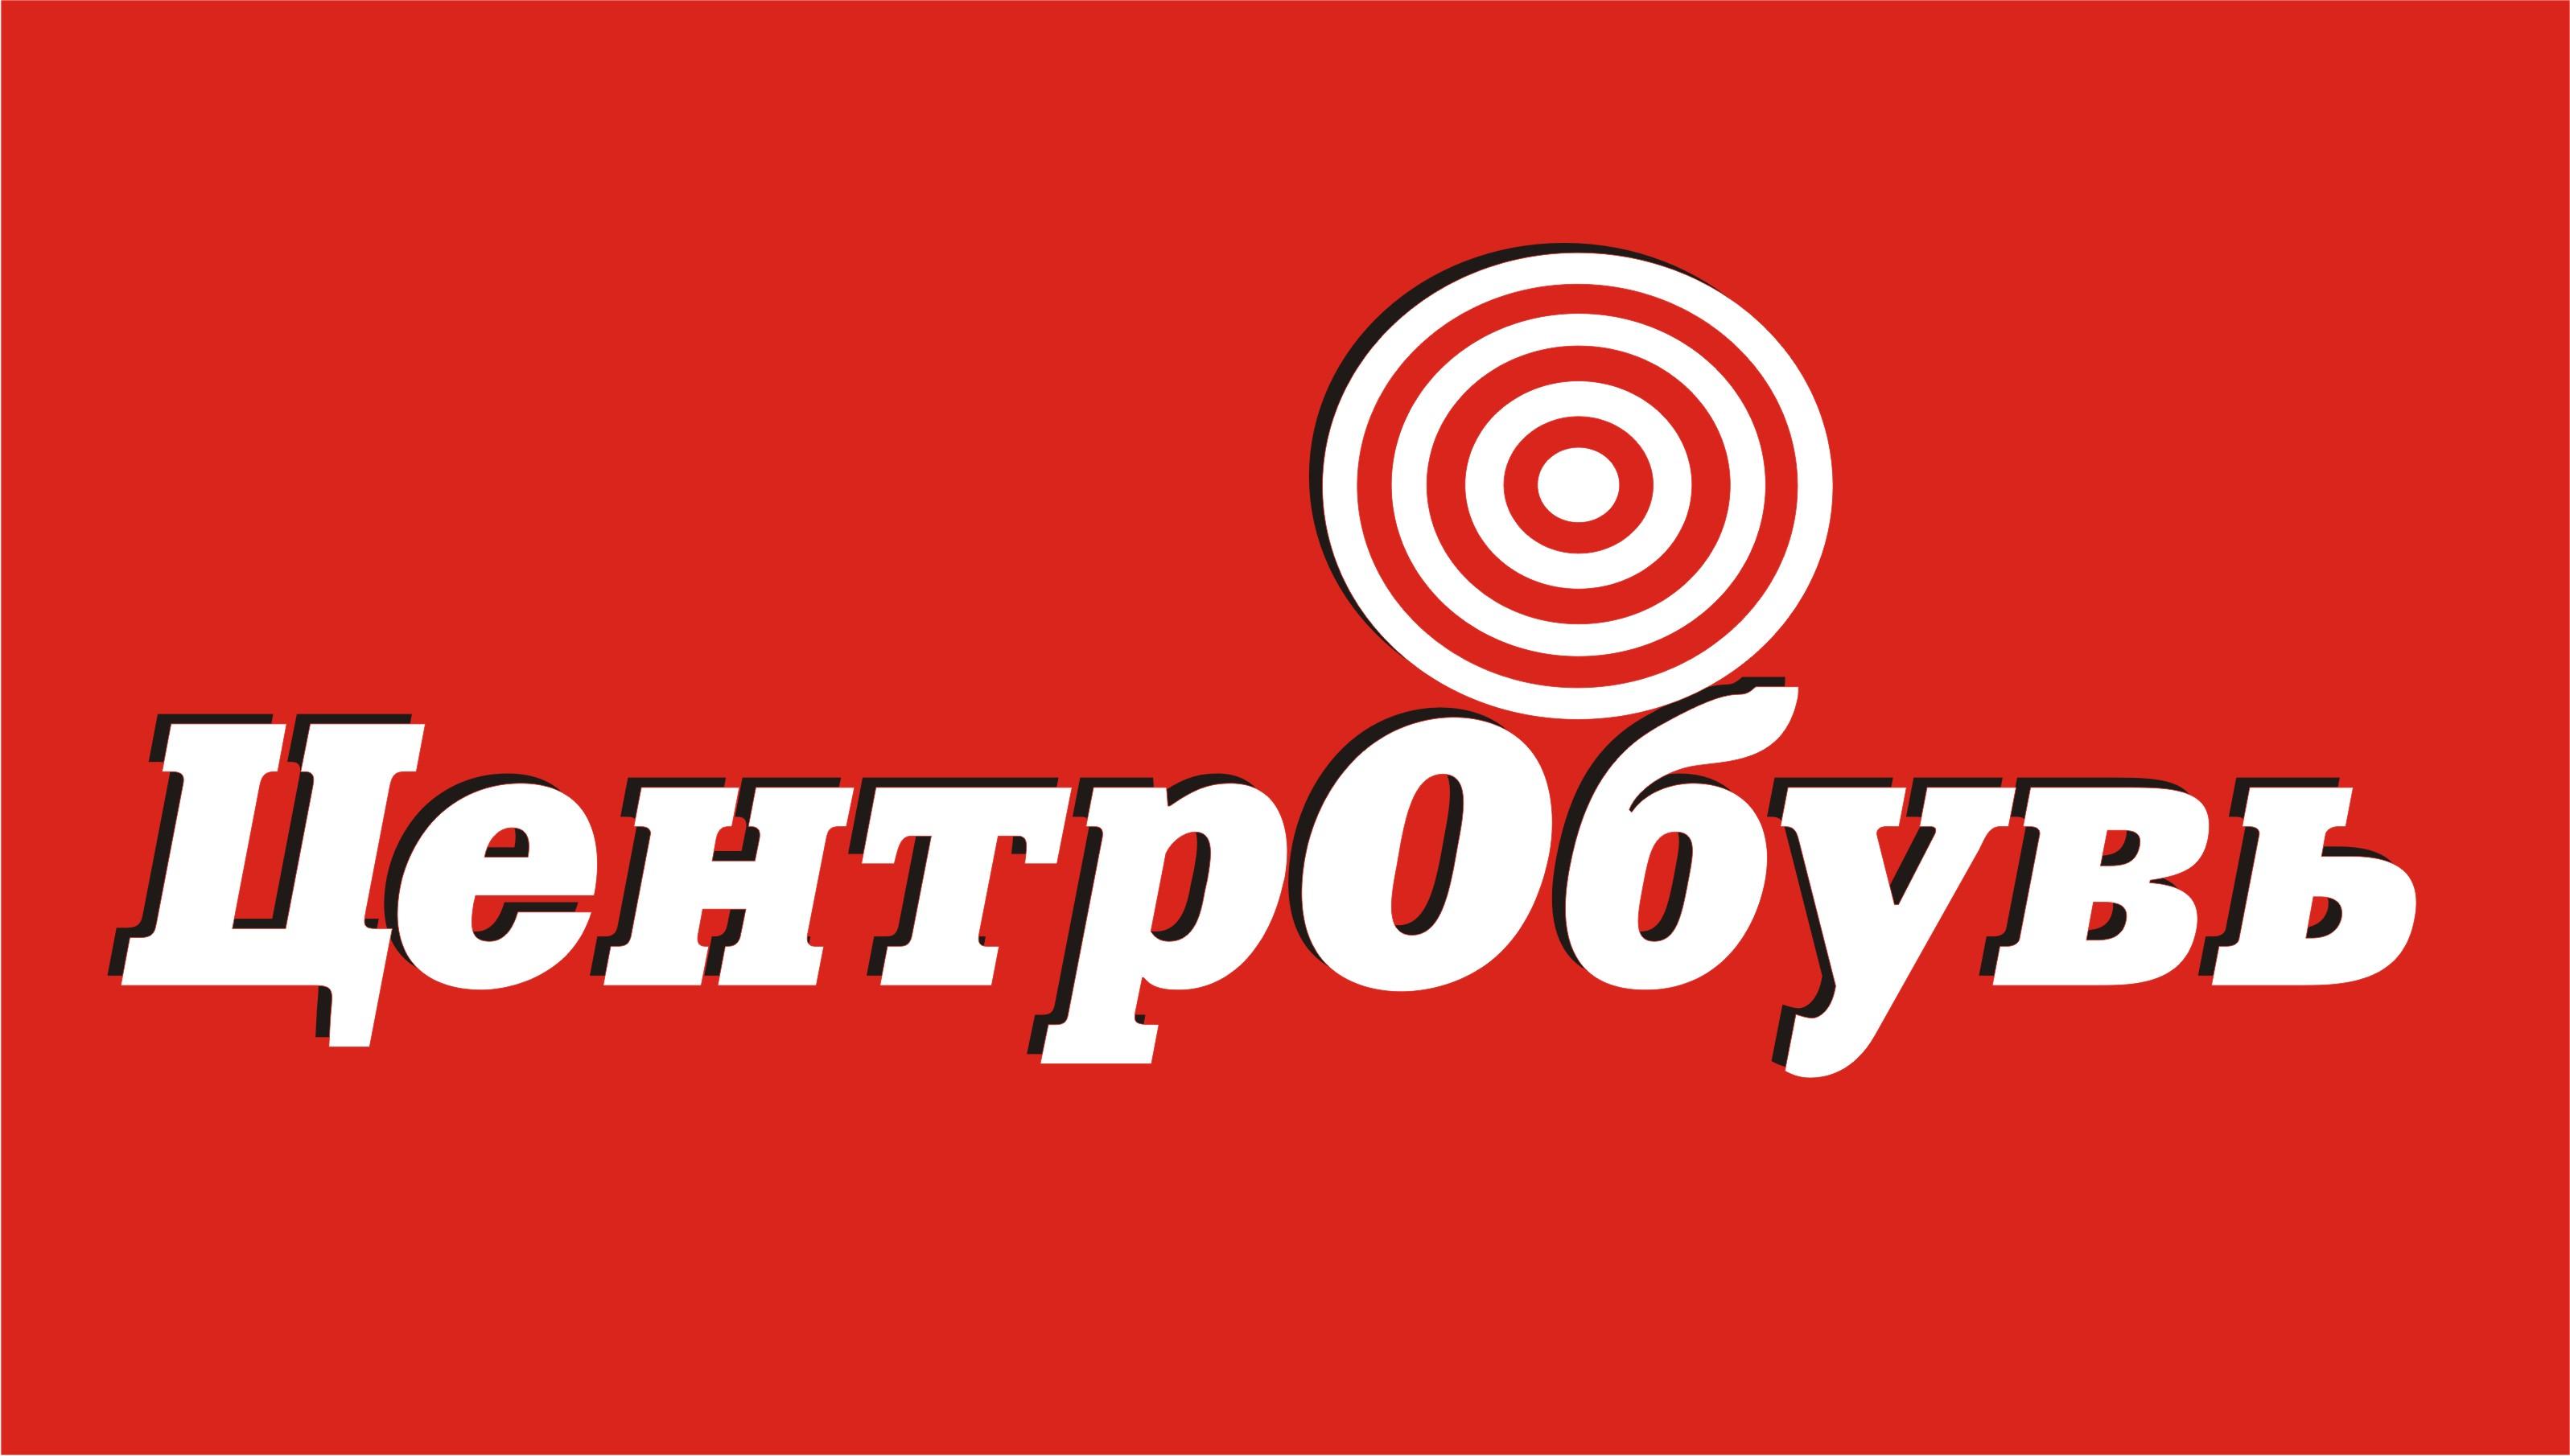 otzyvy-magazin-tsentrobuv-1412956140